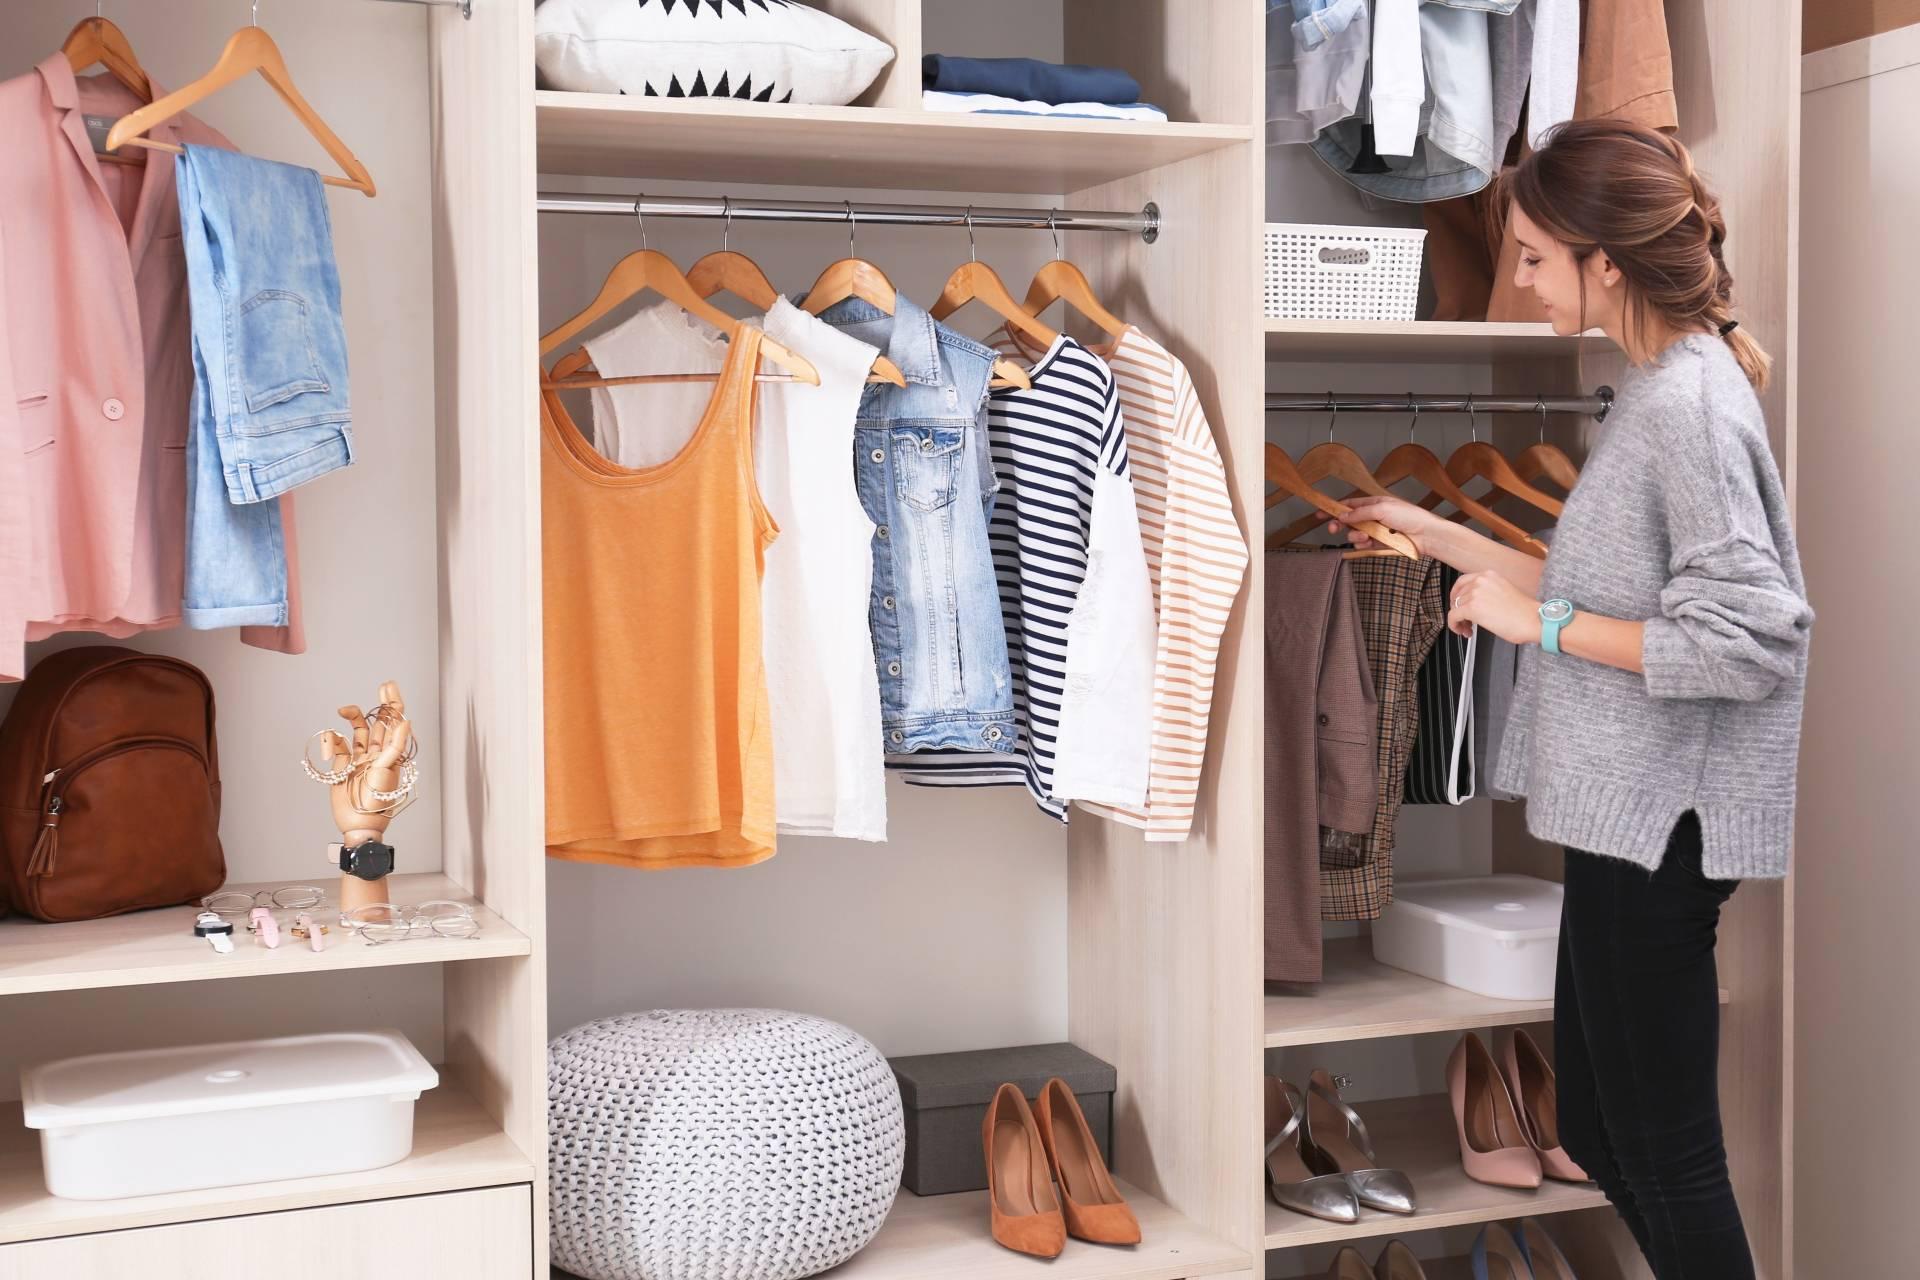 Porządki w szafie - gdzie powinny trafić nienoszone ubrania?